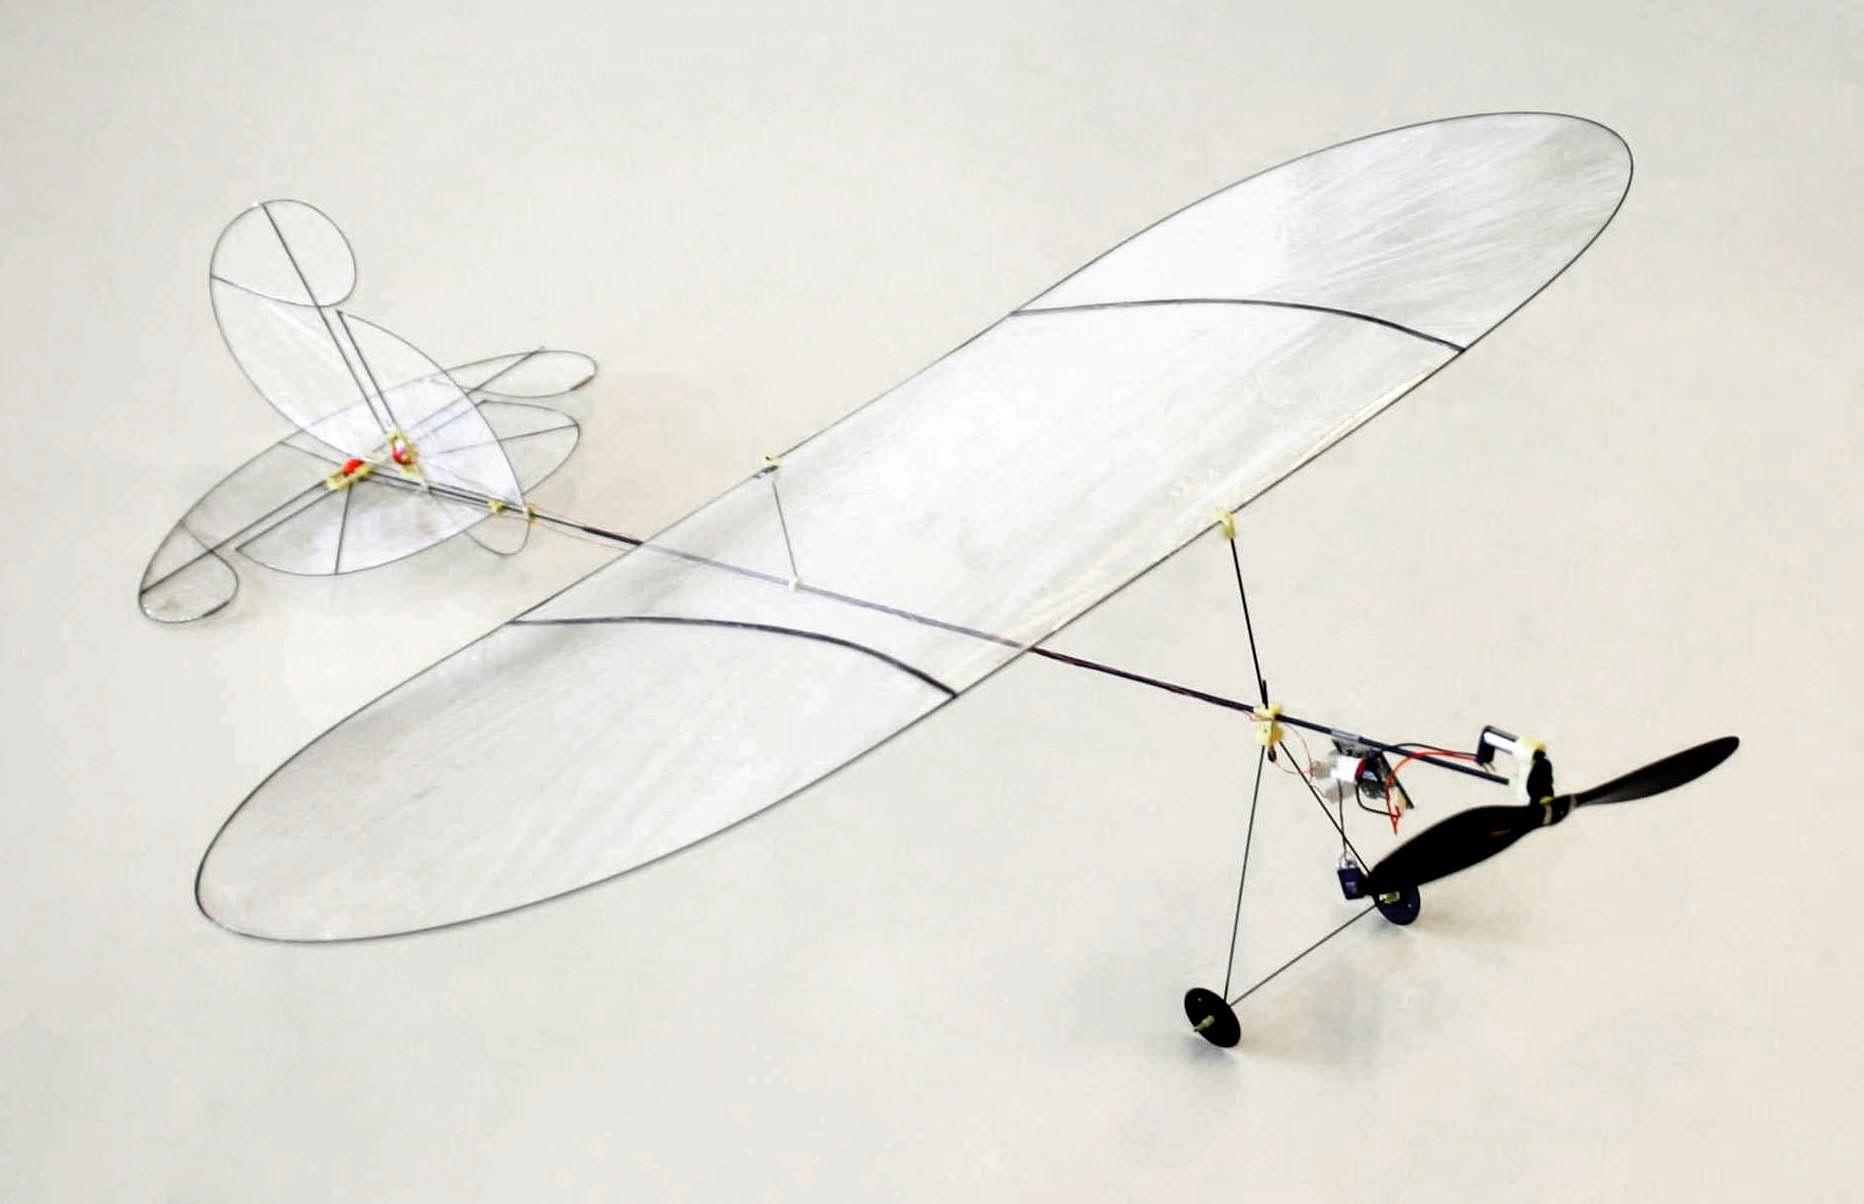 """Imagini pentru planuri aeromodele vechi"""""""